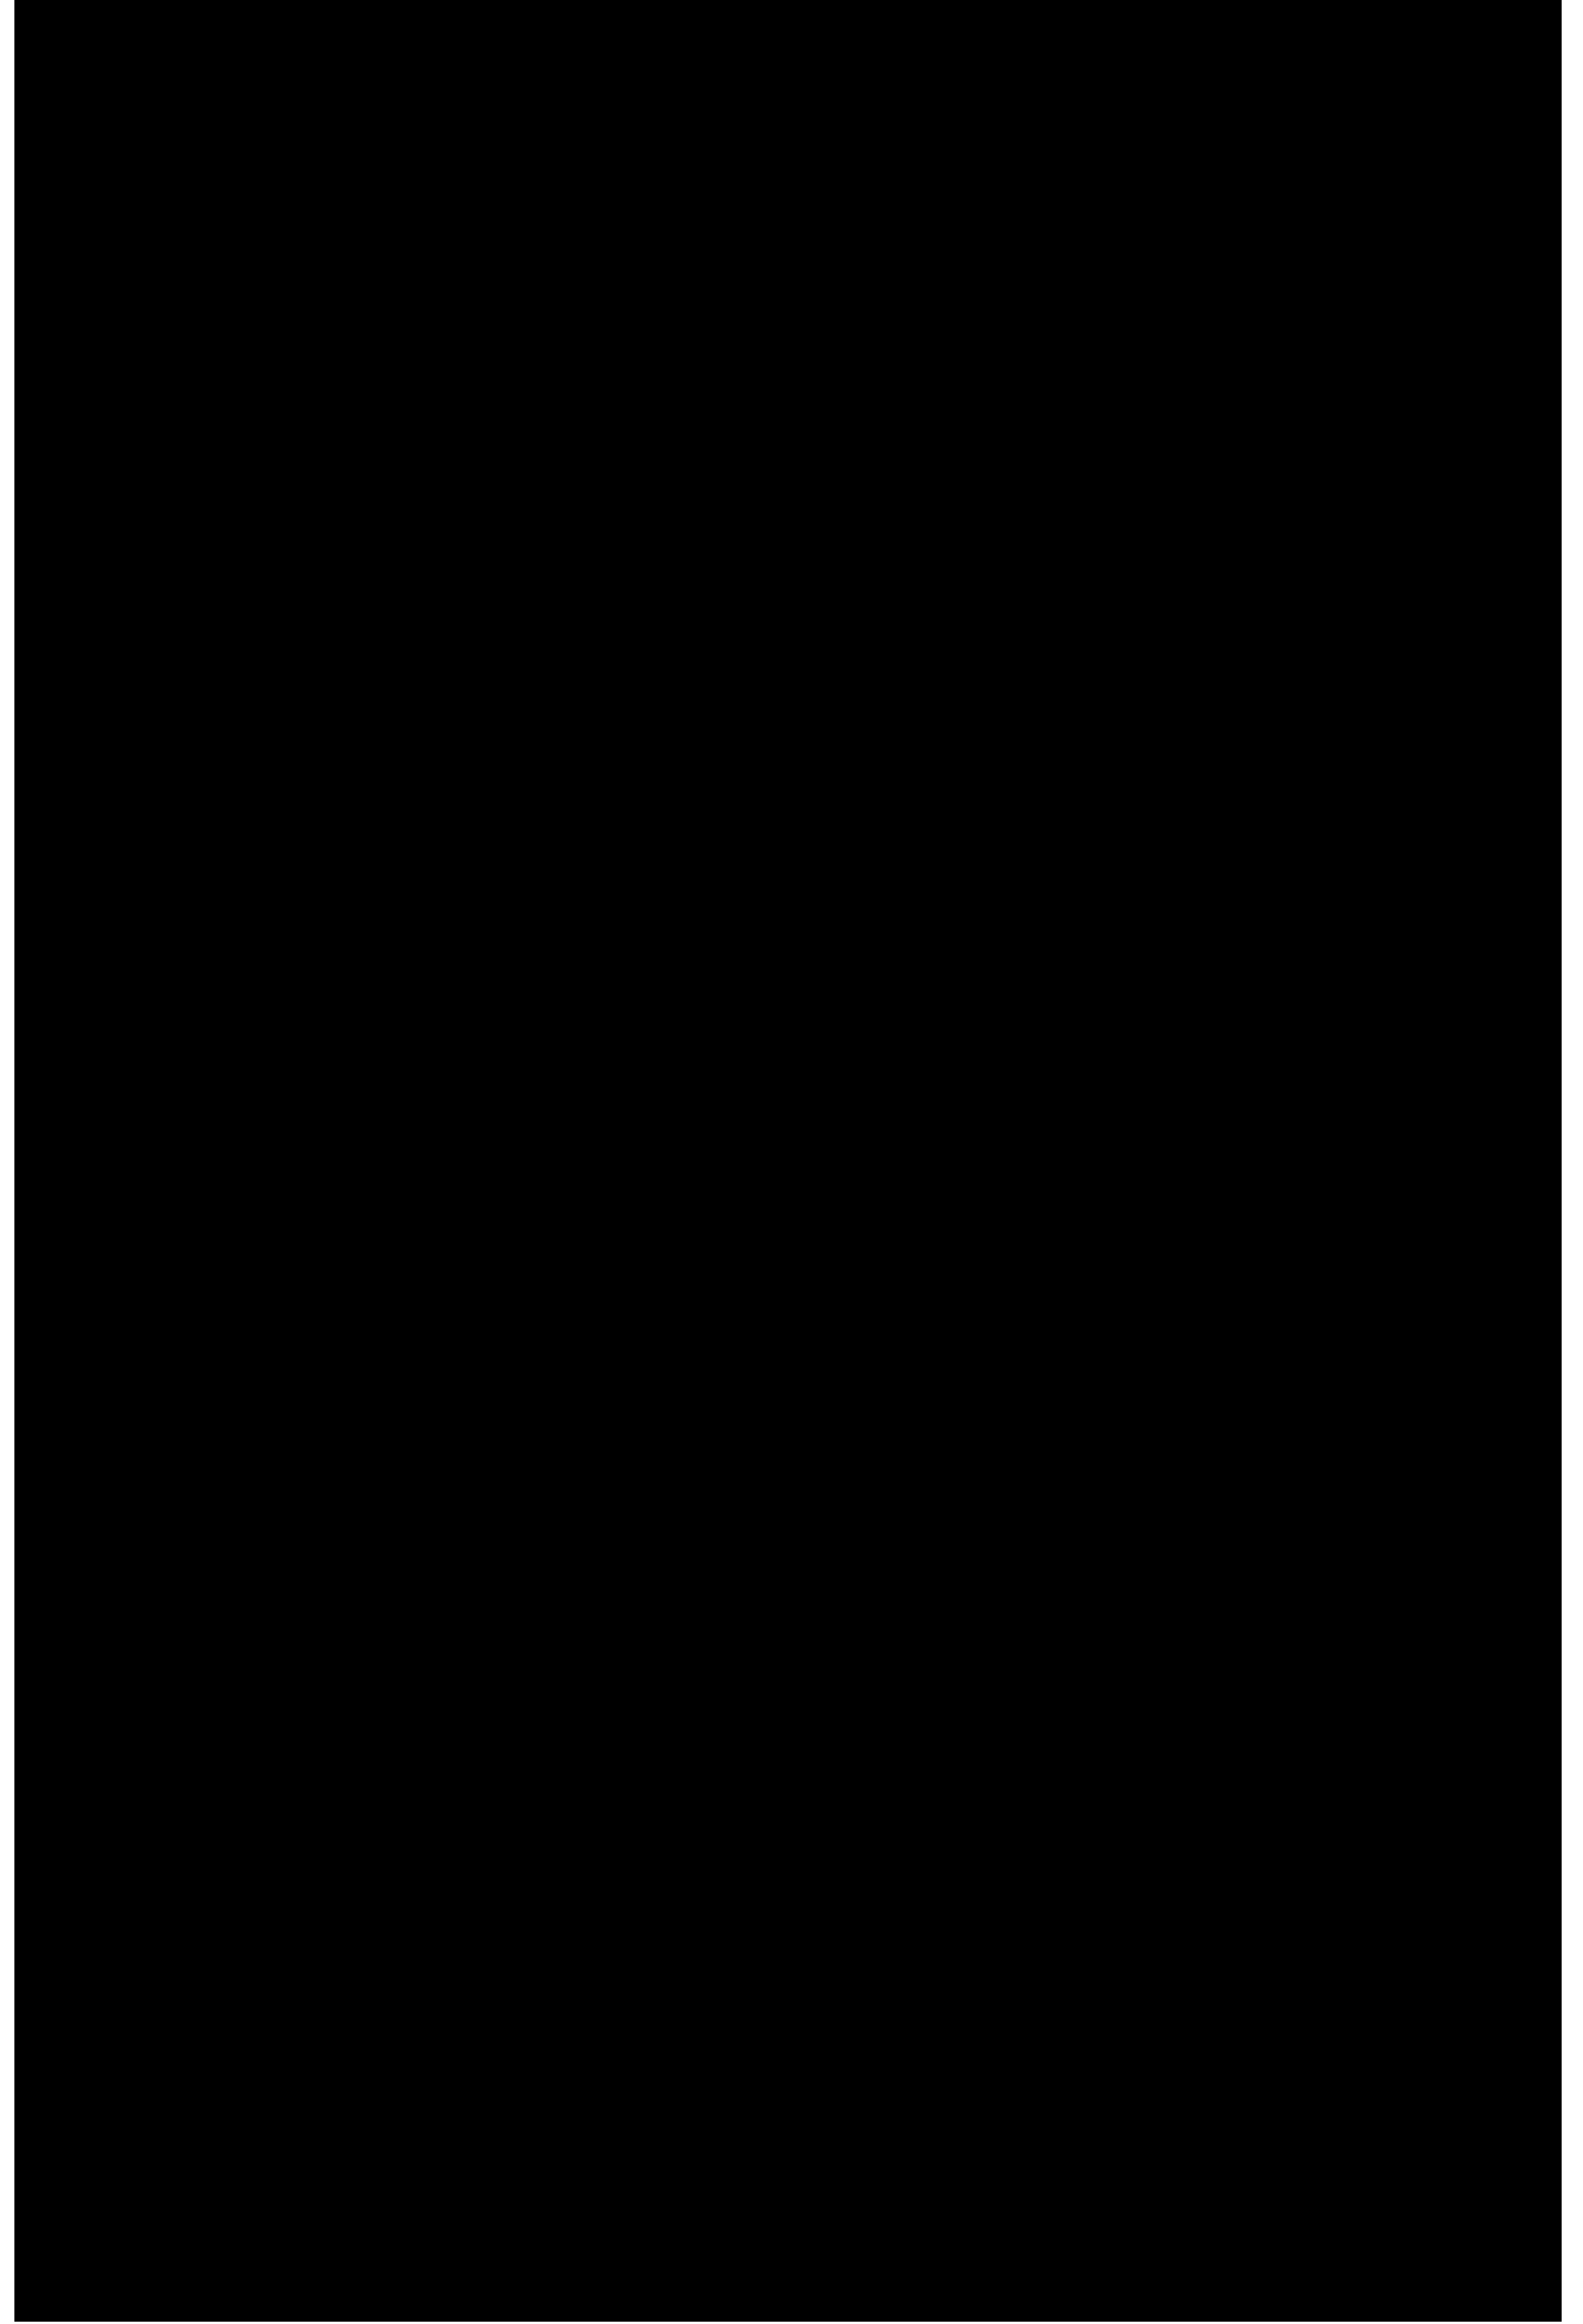 How to design a logo  WWF logo